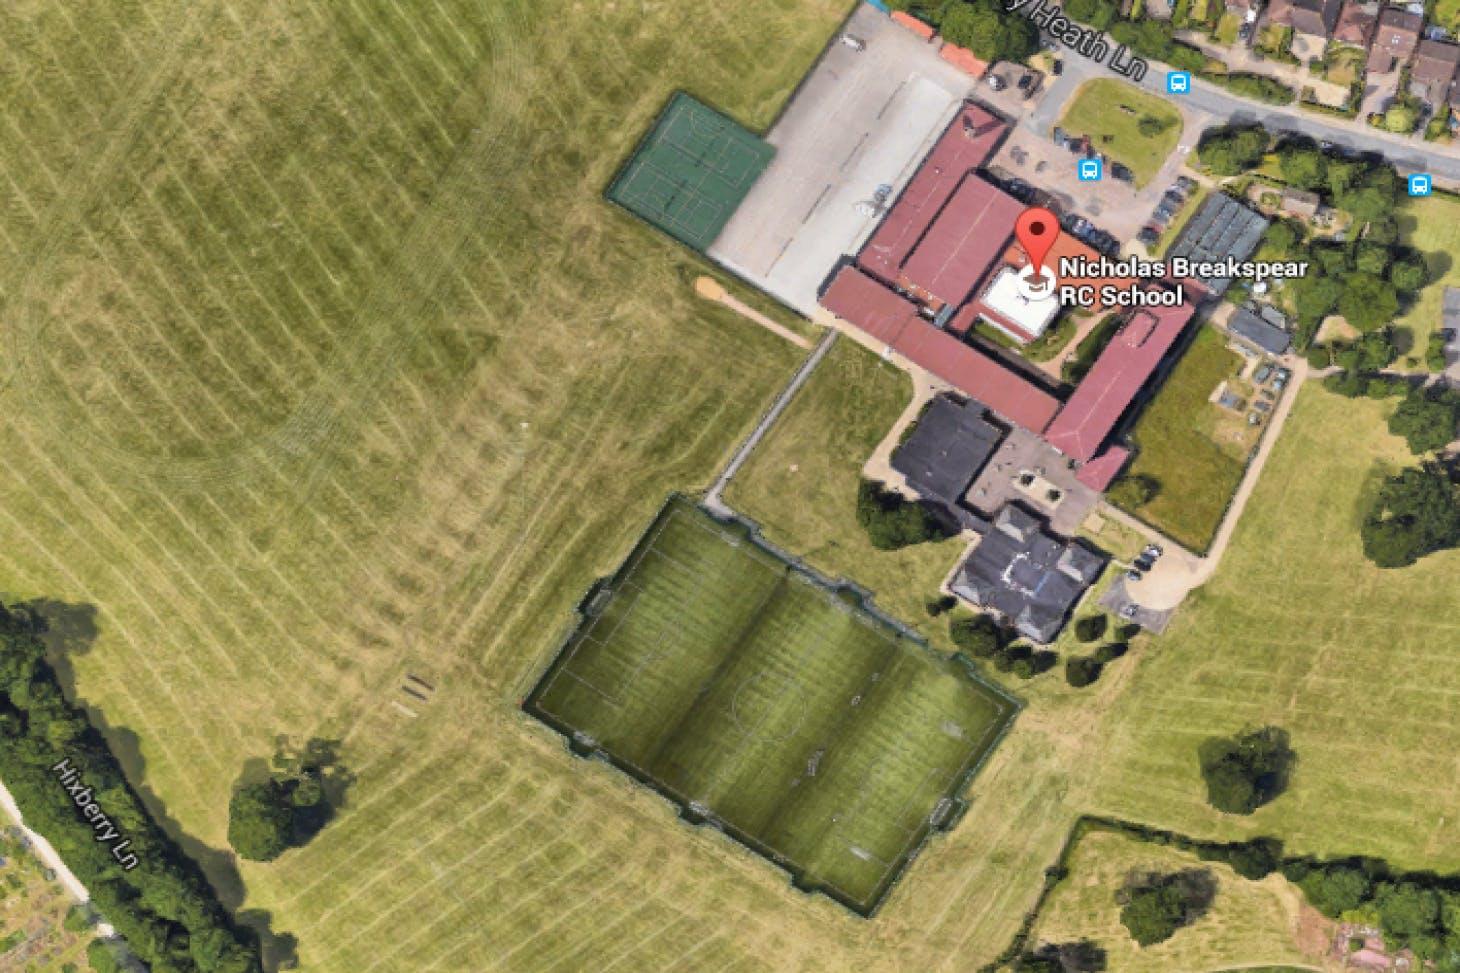 Nicholas Breakspear RC School Outdoor | Artificial athletics track